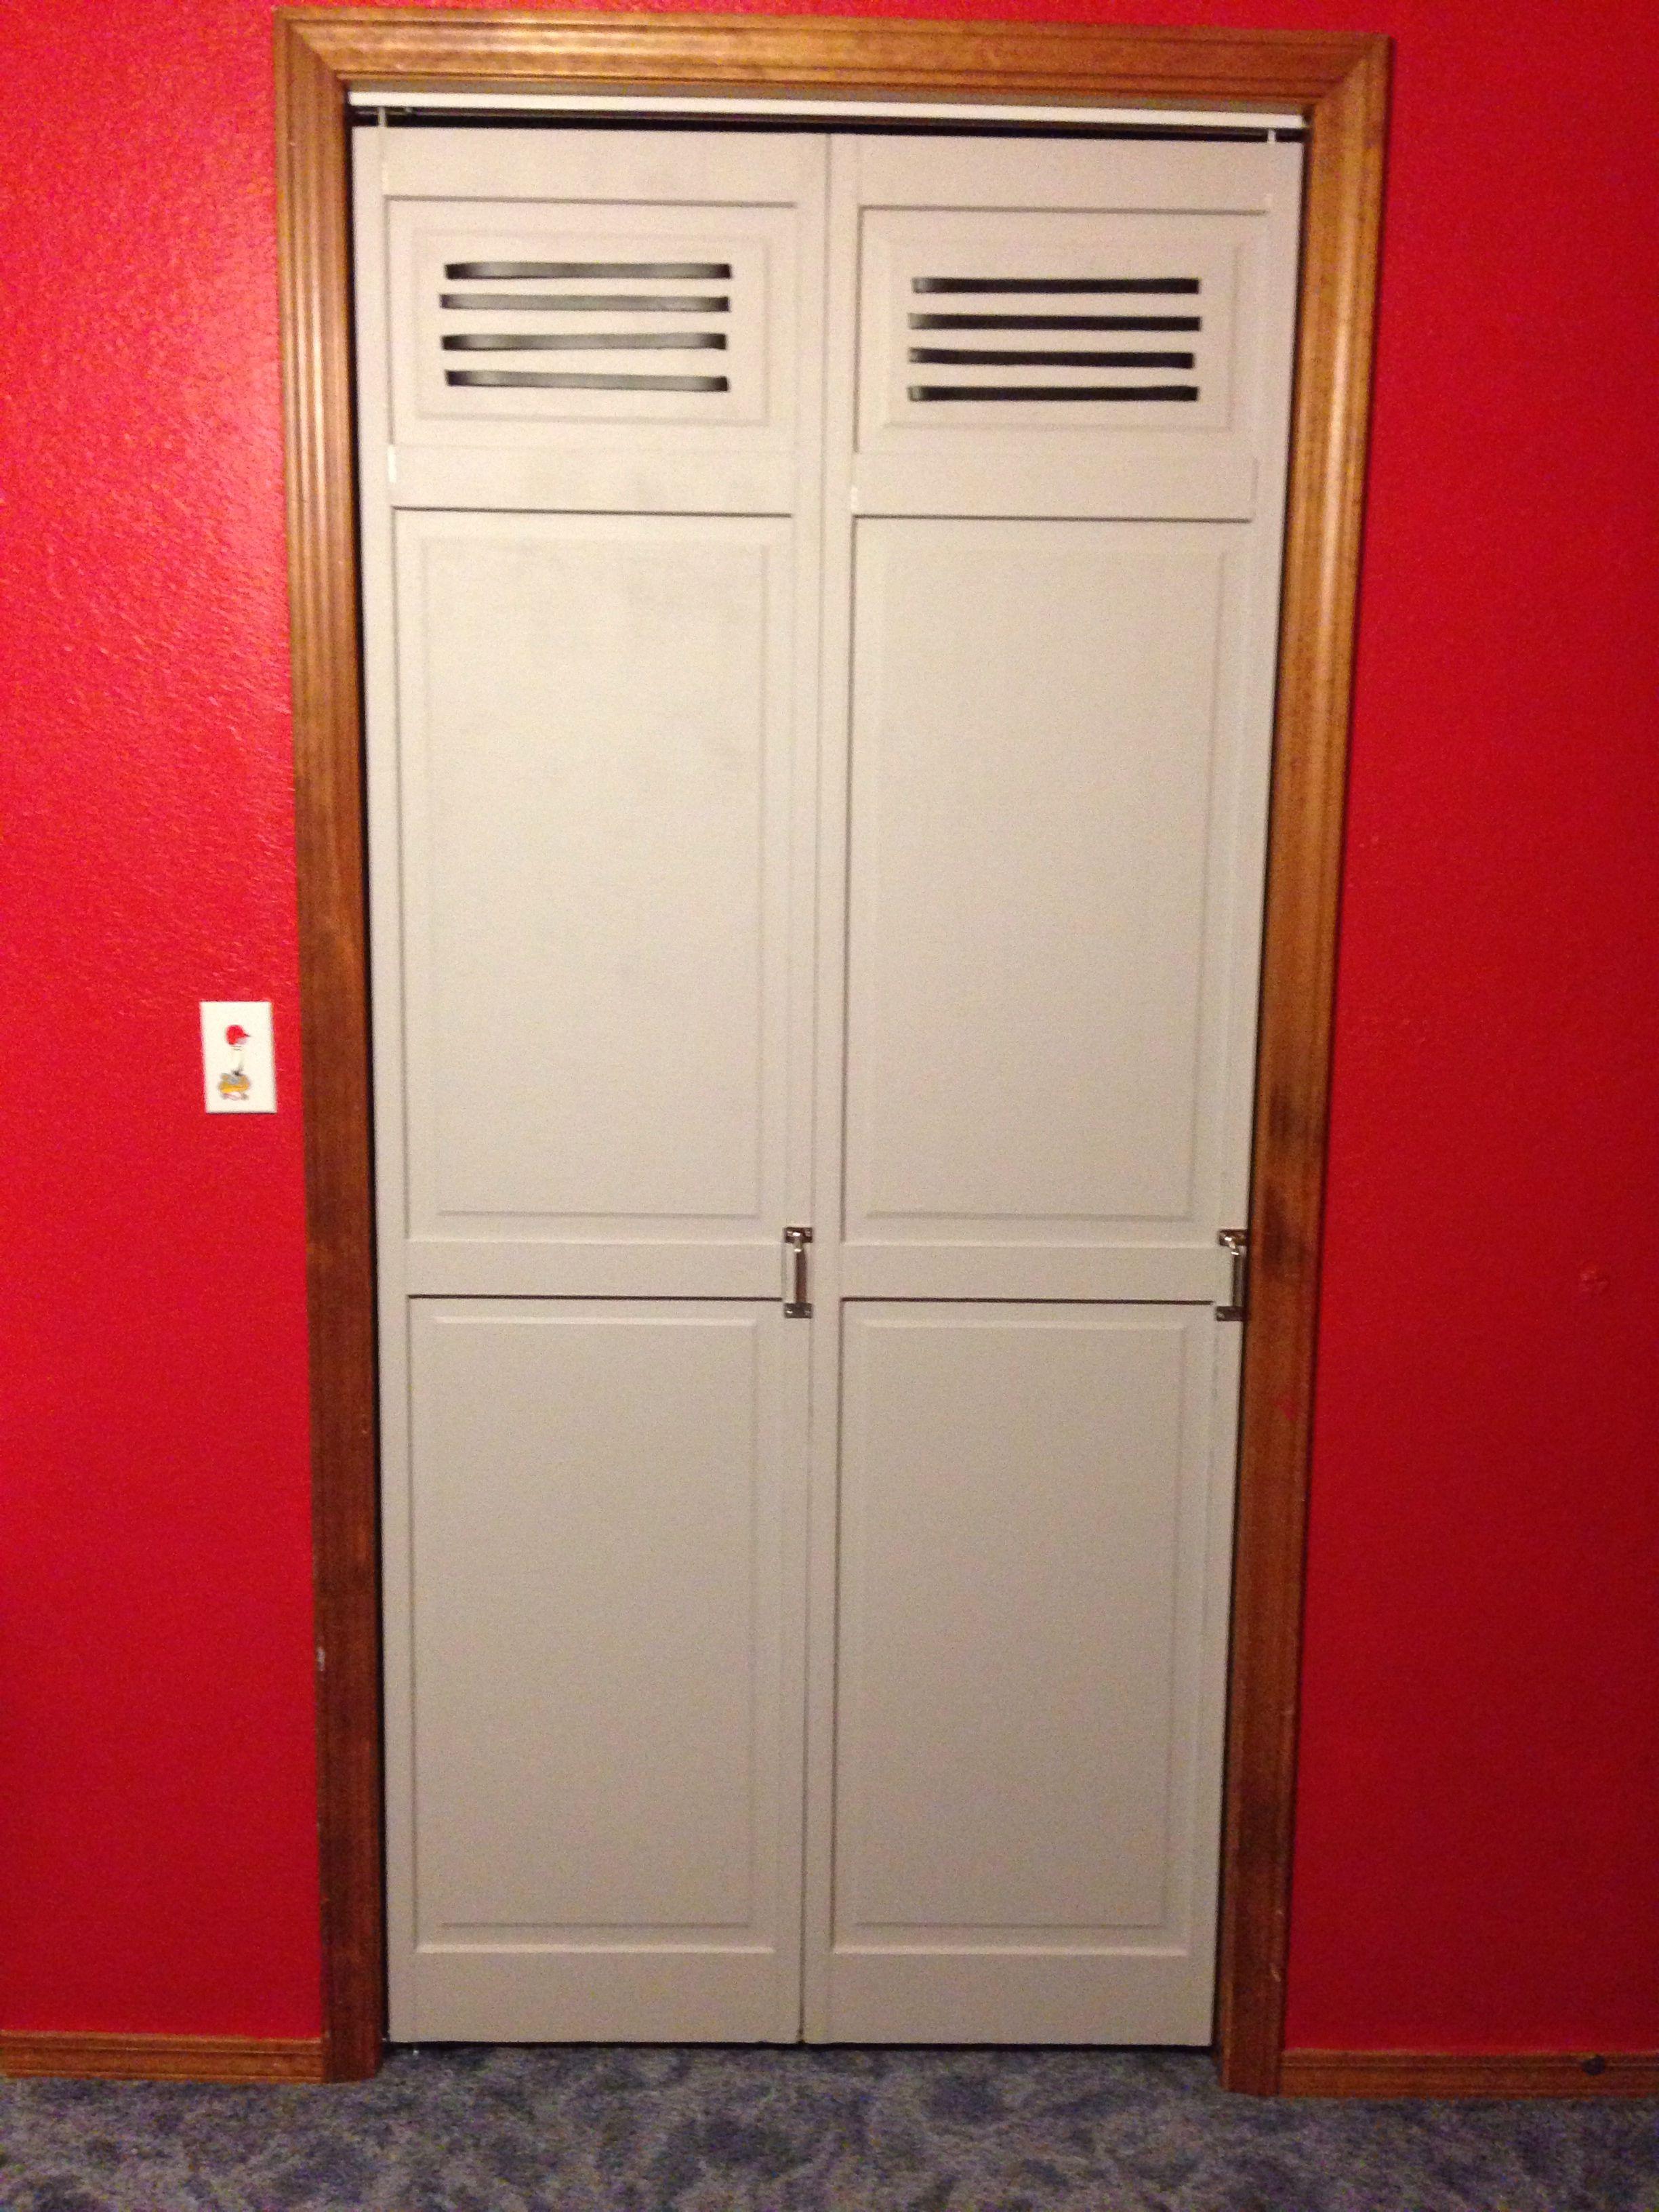 Magnetic Closet Doors Locker Room Bedroom Kids Sports Bedroom